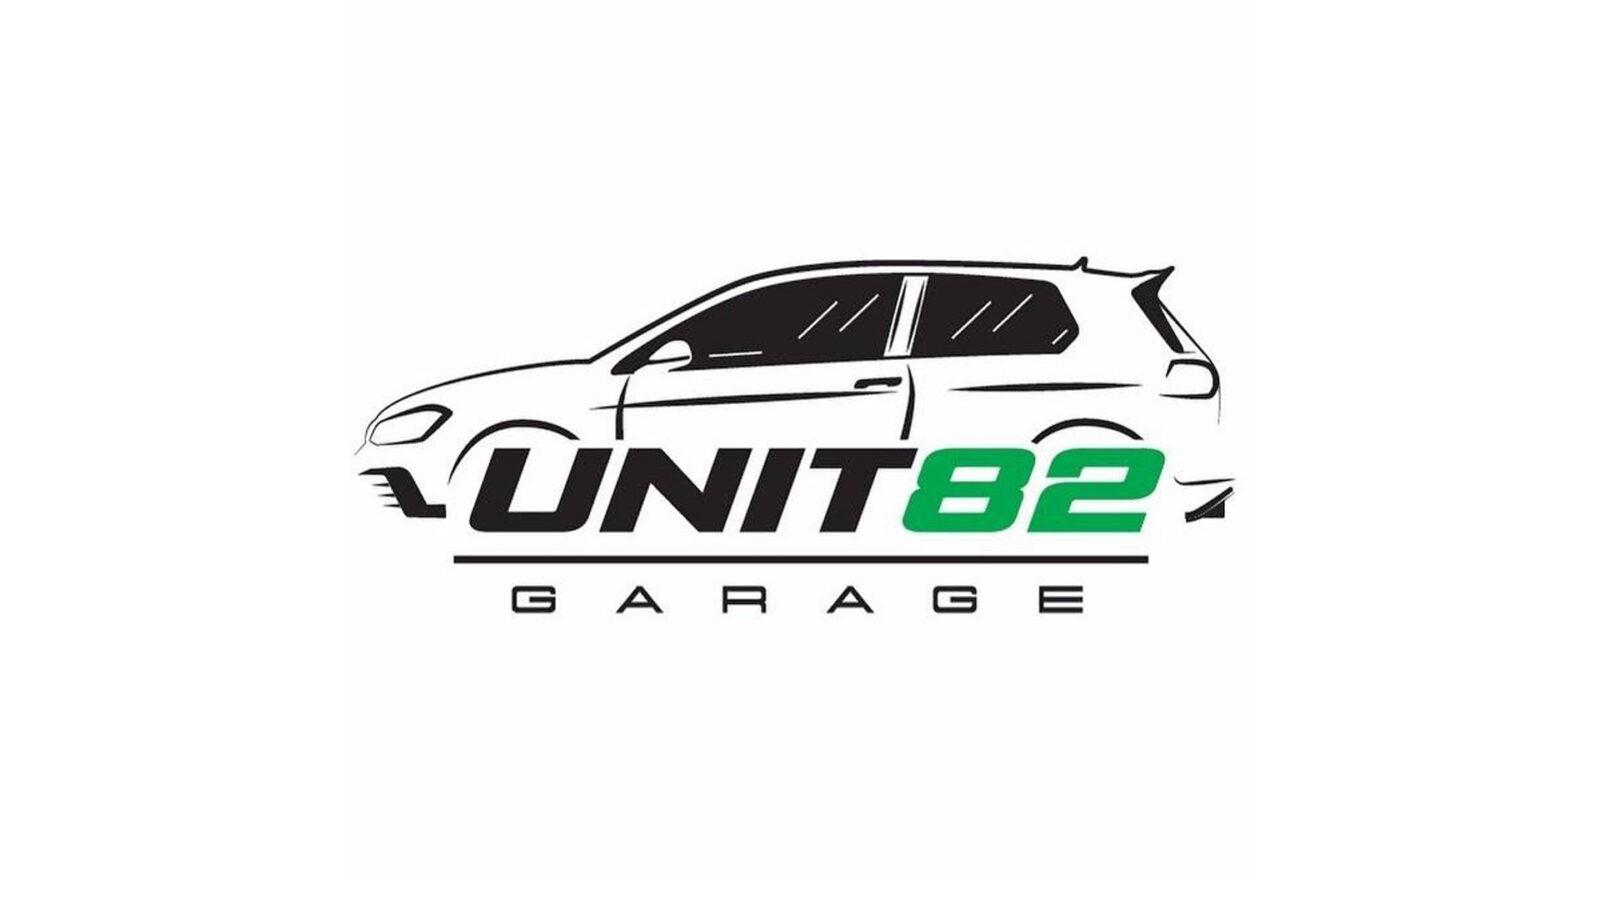 Unit 82 Garage